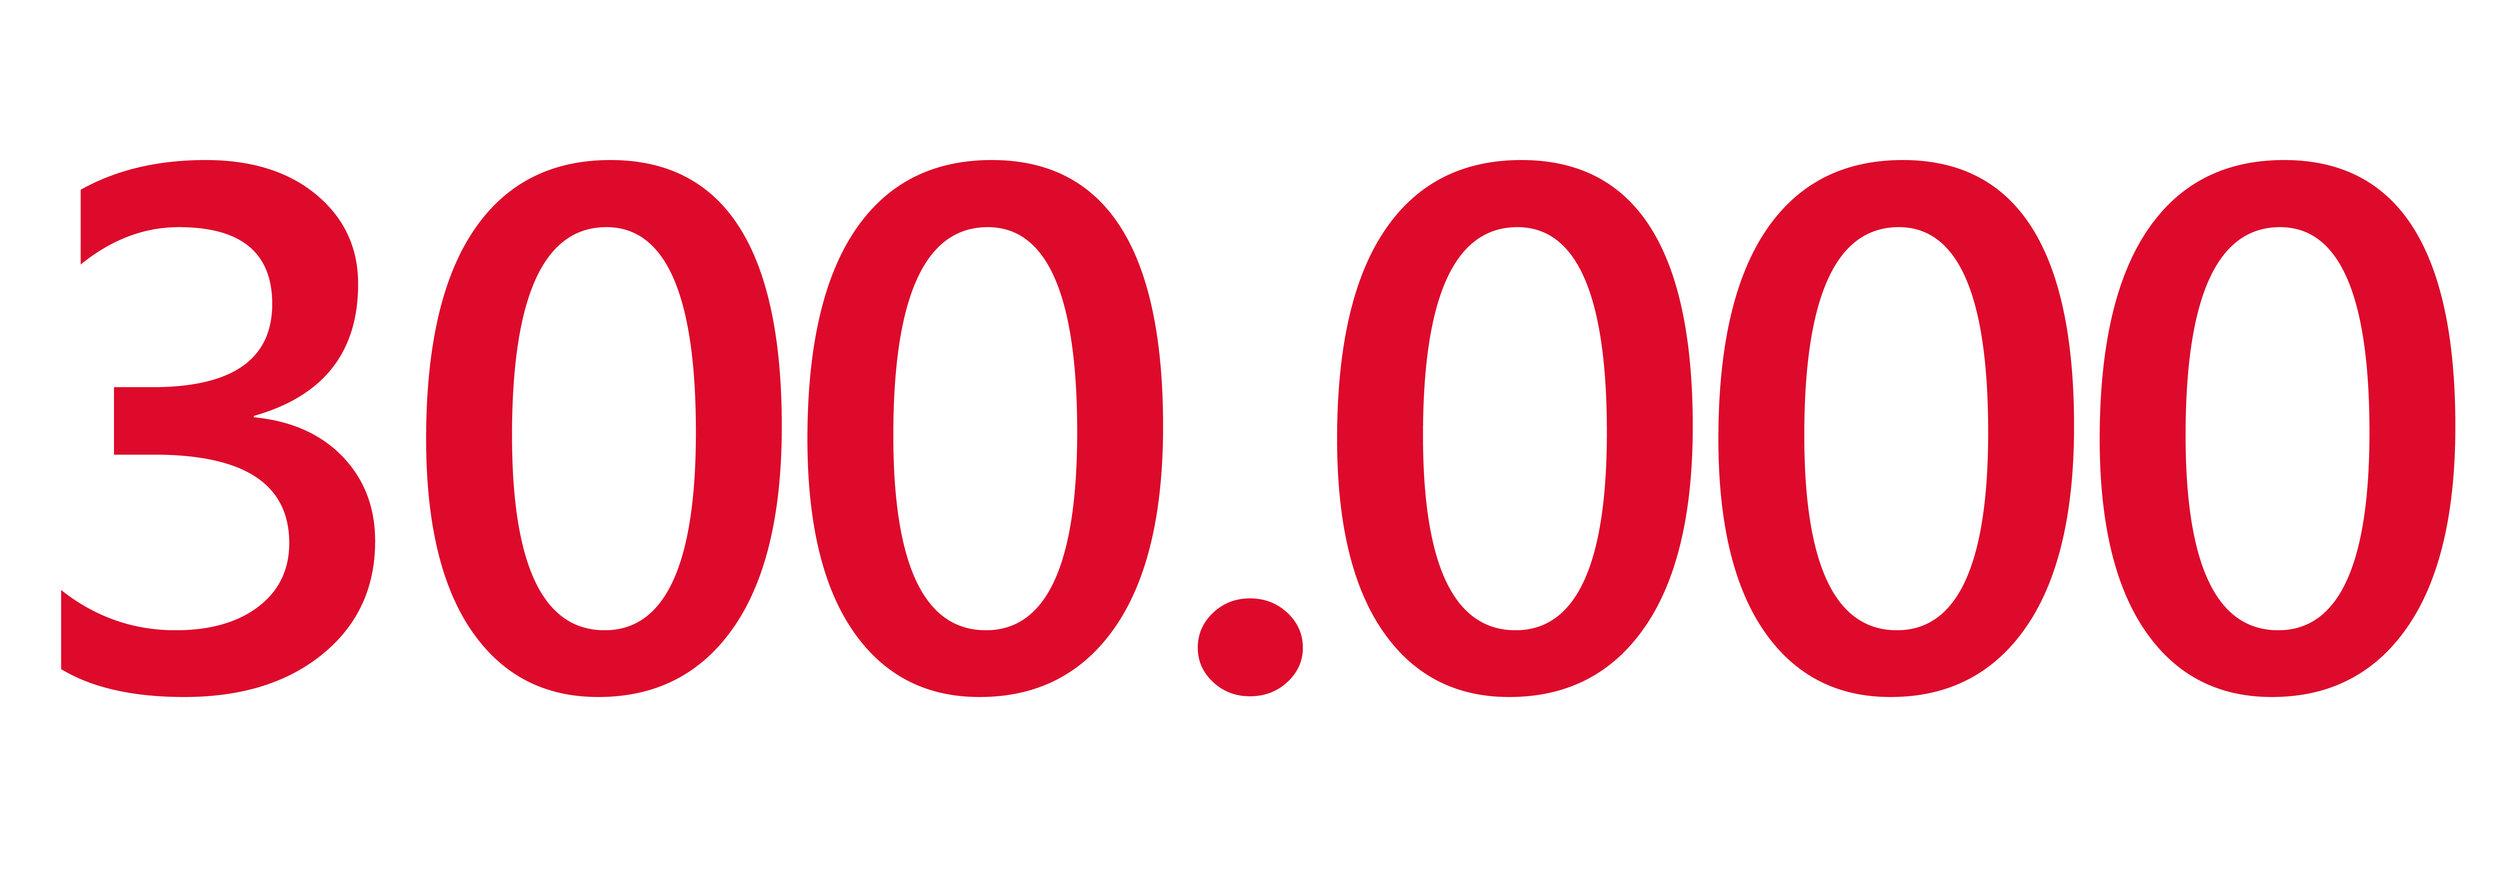 Zahlen ohne text_Zeichenfläche 1 Kopie 16.jpg